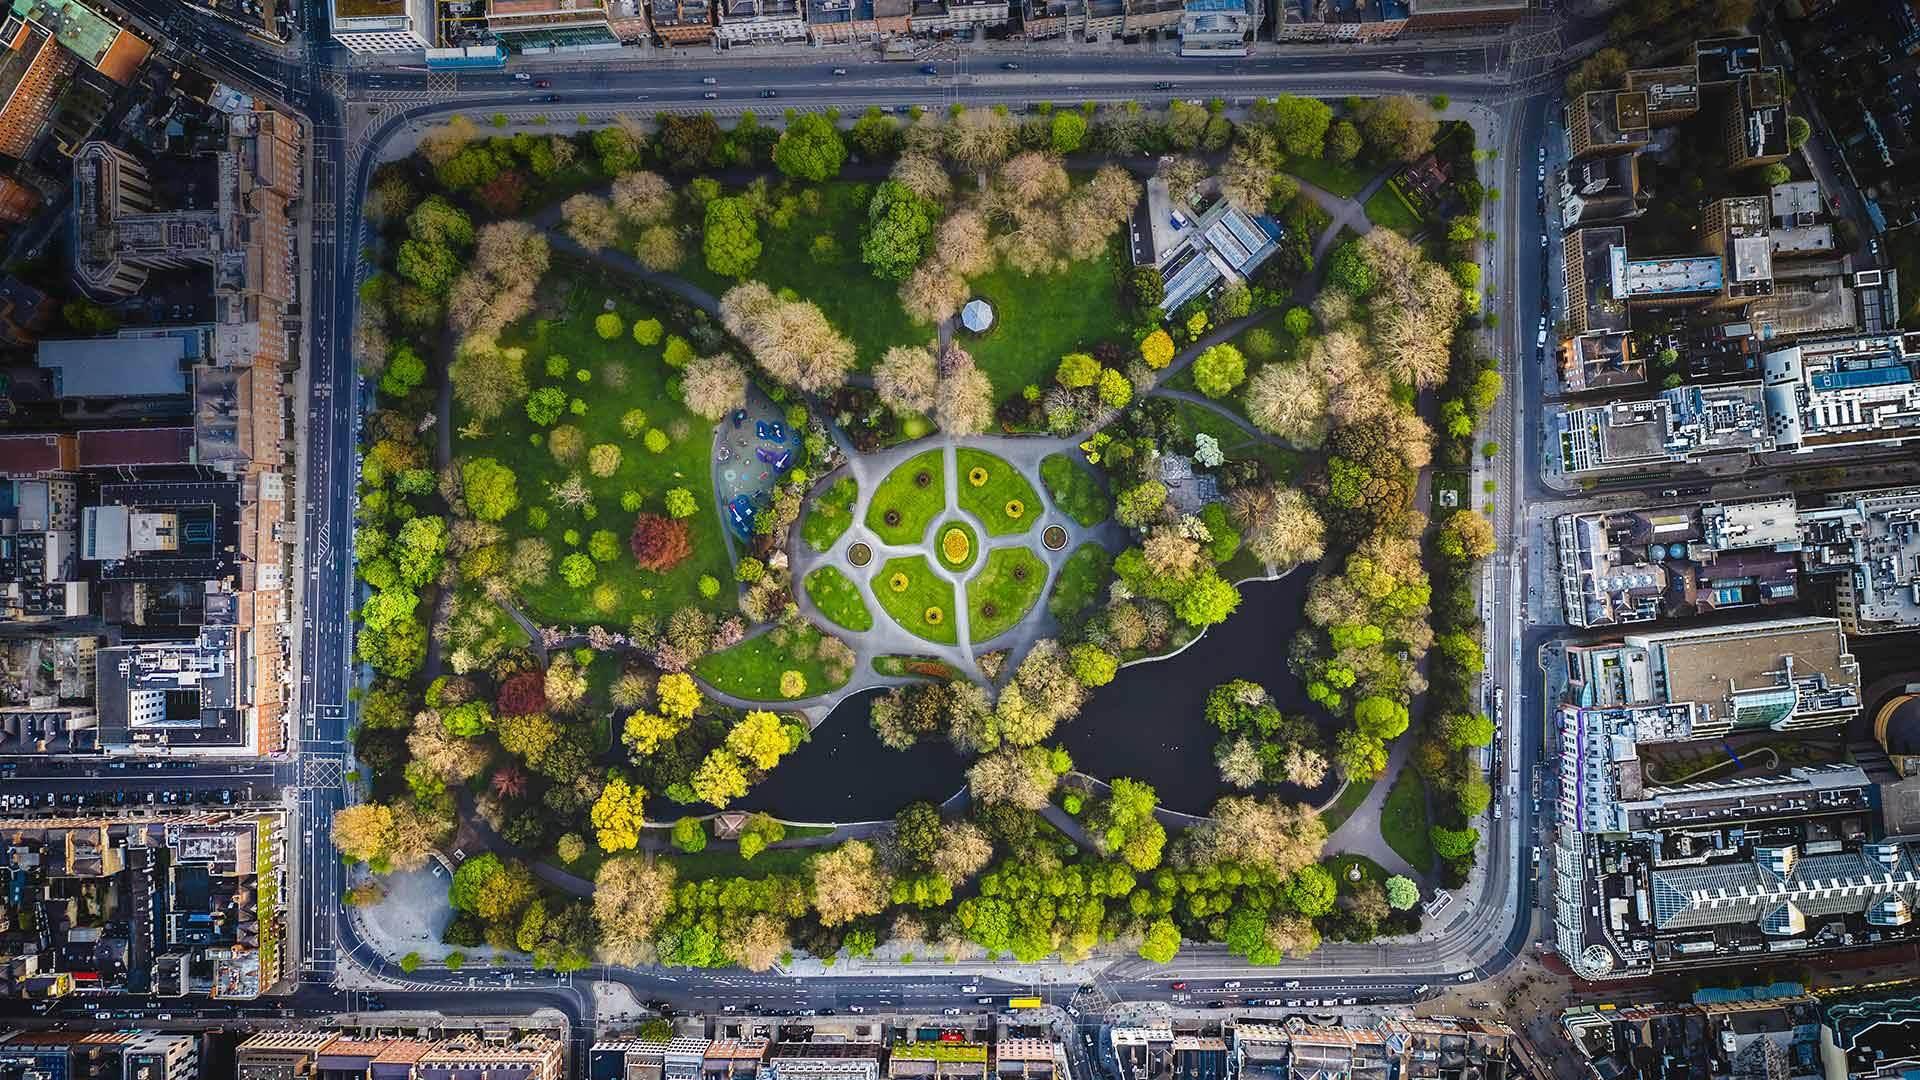 都柏林的圣斯蒂芬绿地圣斯蒂芬绿地